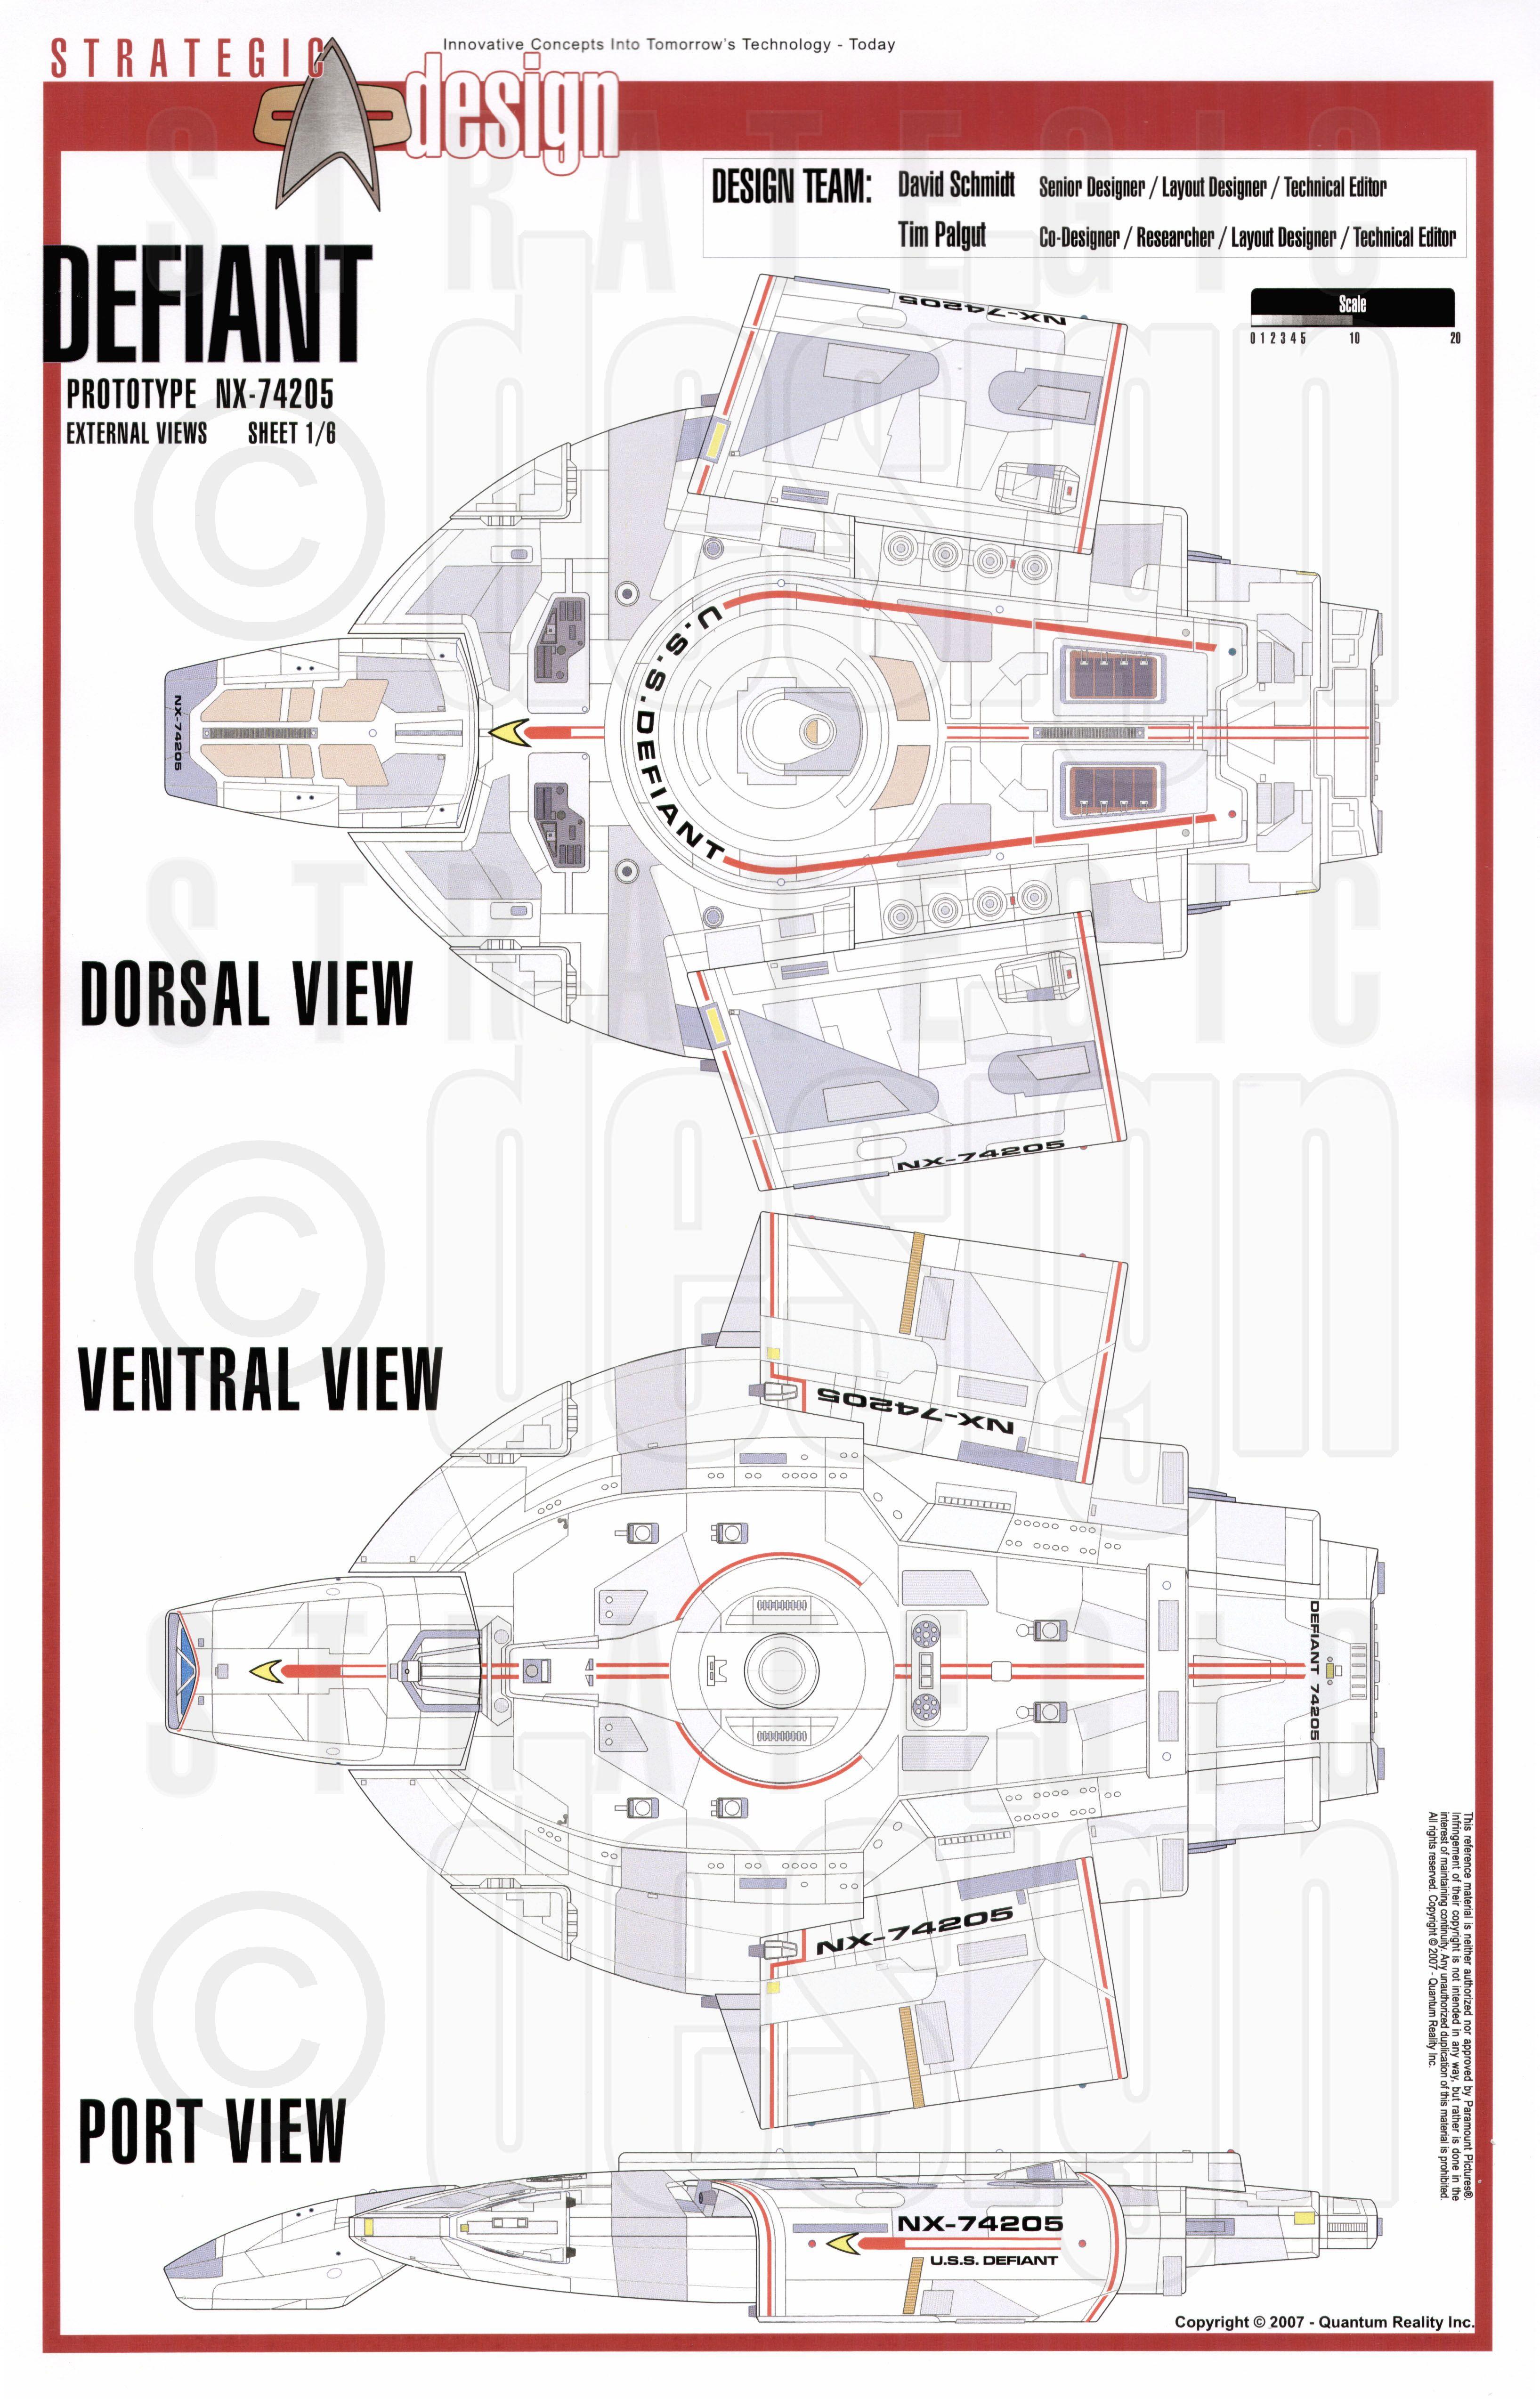 Star Trek Blueprints: Defiant Cl NX-74205 Starship Prototype Uss Defiant Schematics on runabout schematics, uss reliant schematics, deep space nine schematics, uss titan schematics, uss diligent, millennium falcon schematics, uss equinox, uss voyager, star trek ship schematics, uss excalibur, uss reliant deck plans, uss yamaguchi, uss lst schematic, uss vengeance star trek, uss valiant schematics, uss prometheus, uss enterprise, space station schematics, uss excelsior, delta flyer schematics,